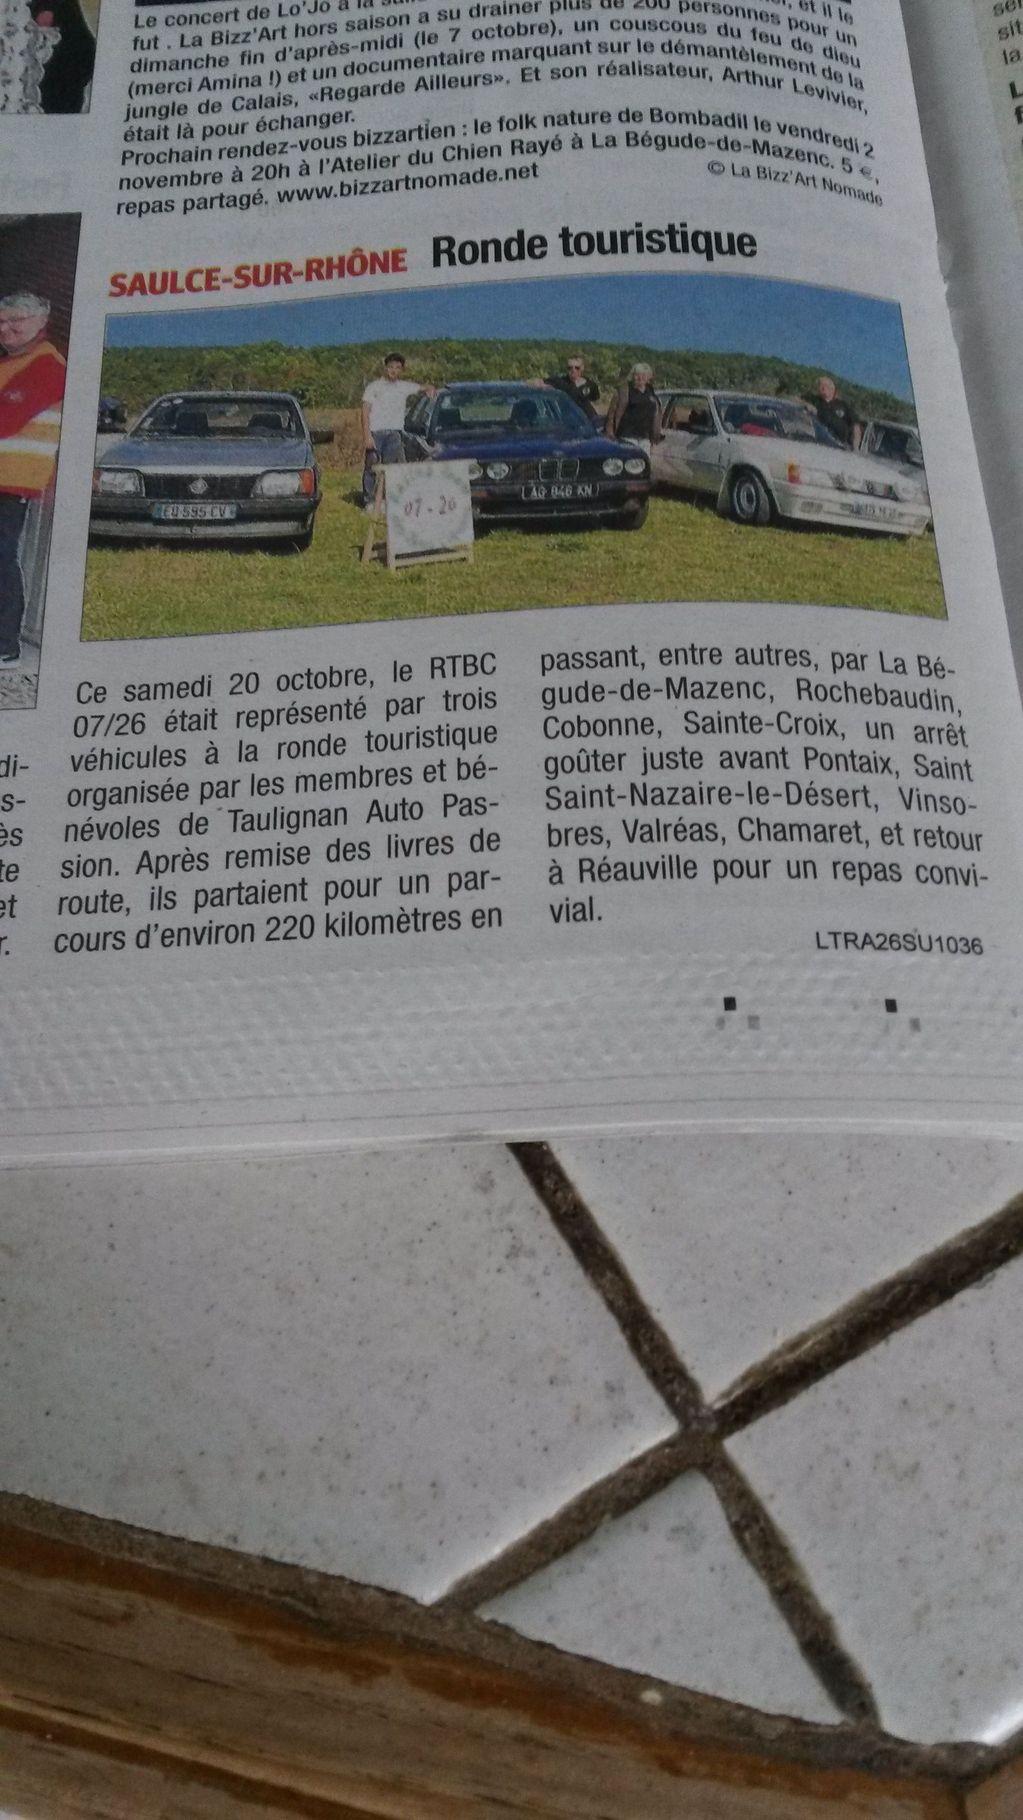 [26] 20/10/2018 - Ronde touristique à Réauville - Page 2 18102611471223632315963922